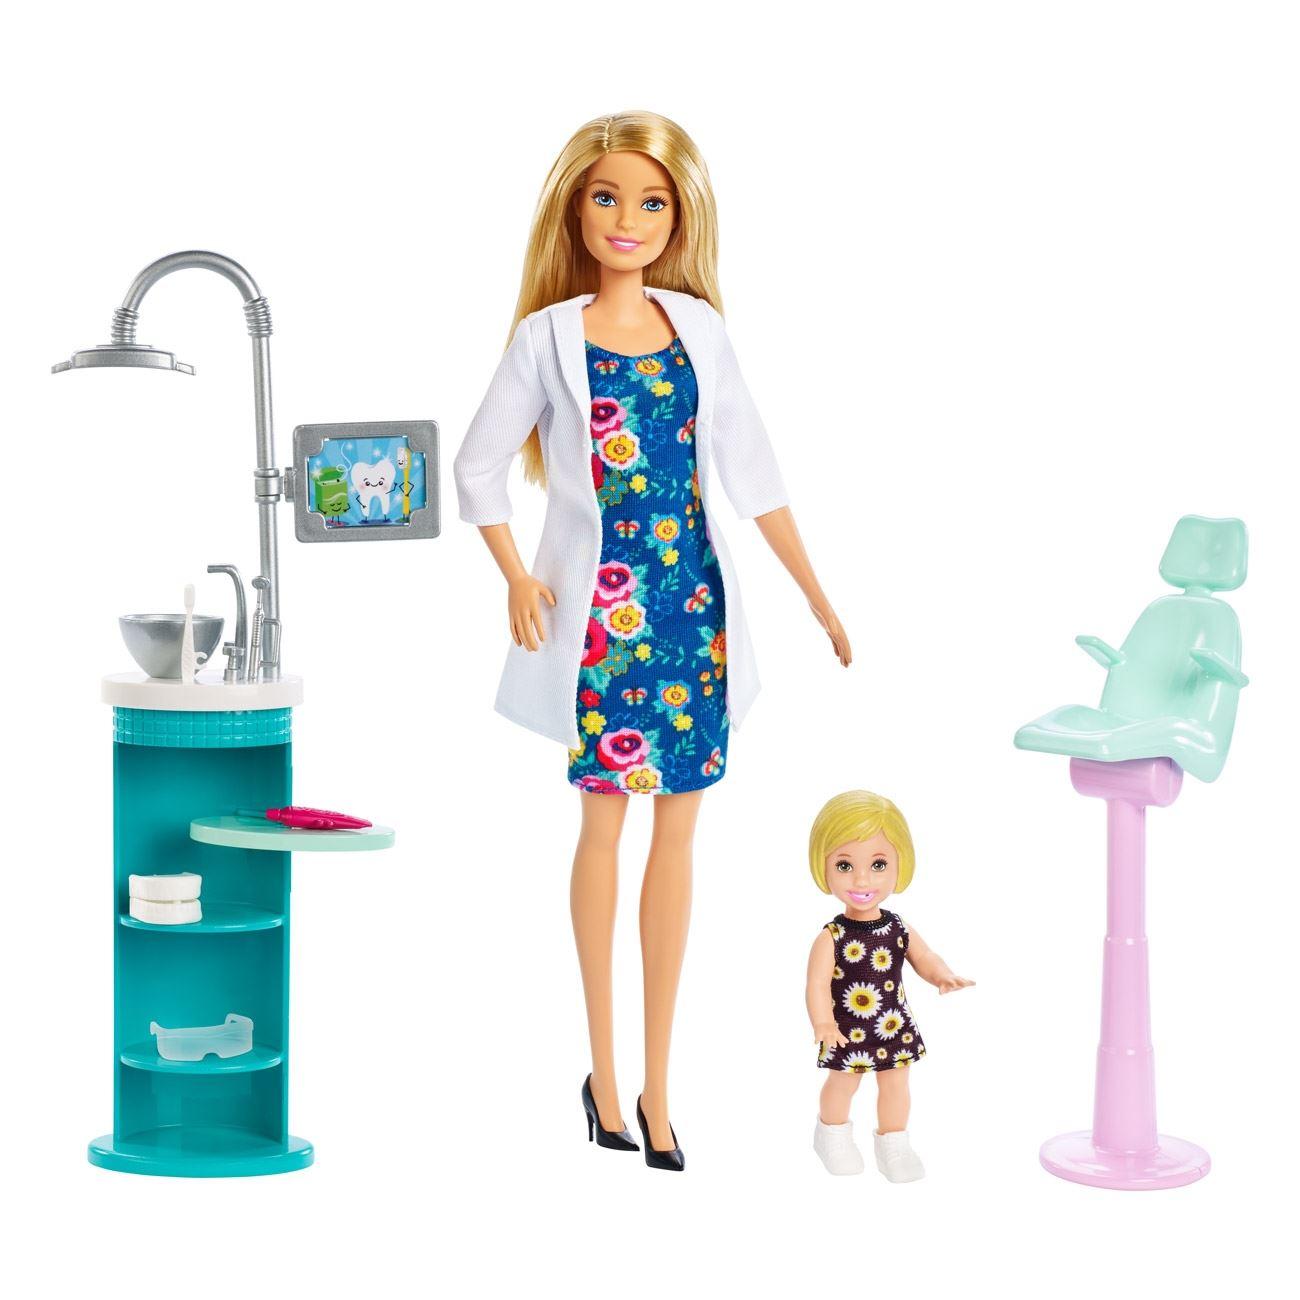 Ραντεβού διασκέδαση Ken Barbie